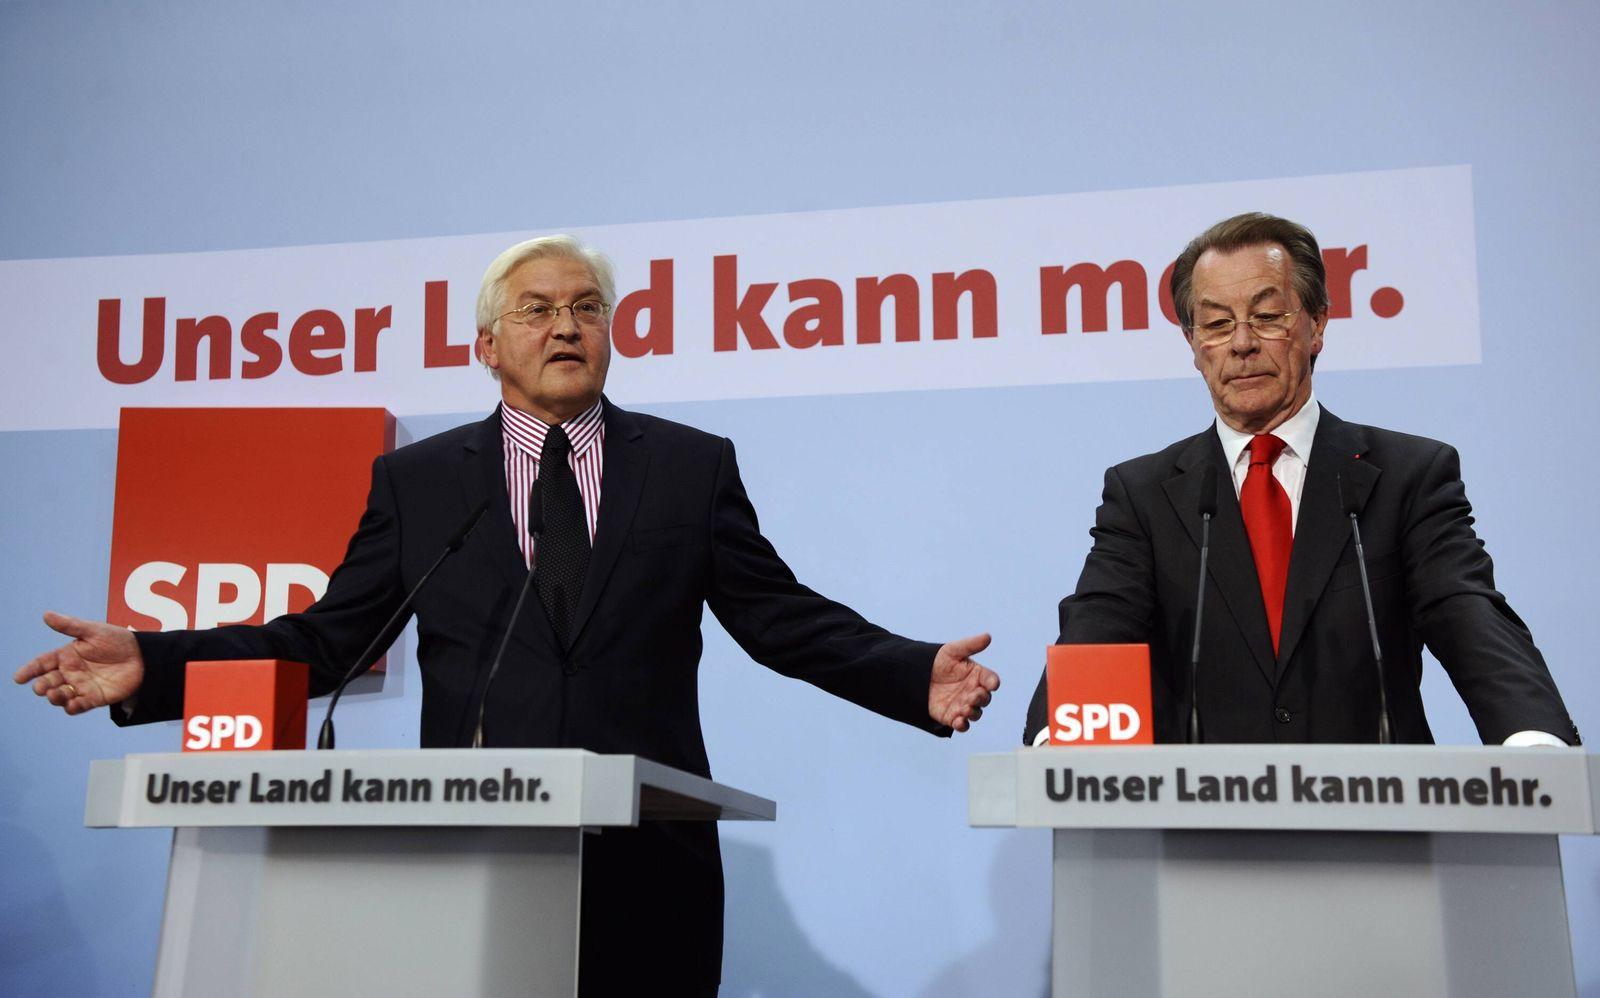 NICHT VERWENDEN Steinmeier/ Müntefering/ Bundestagswahl